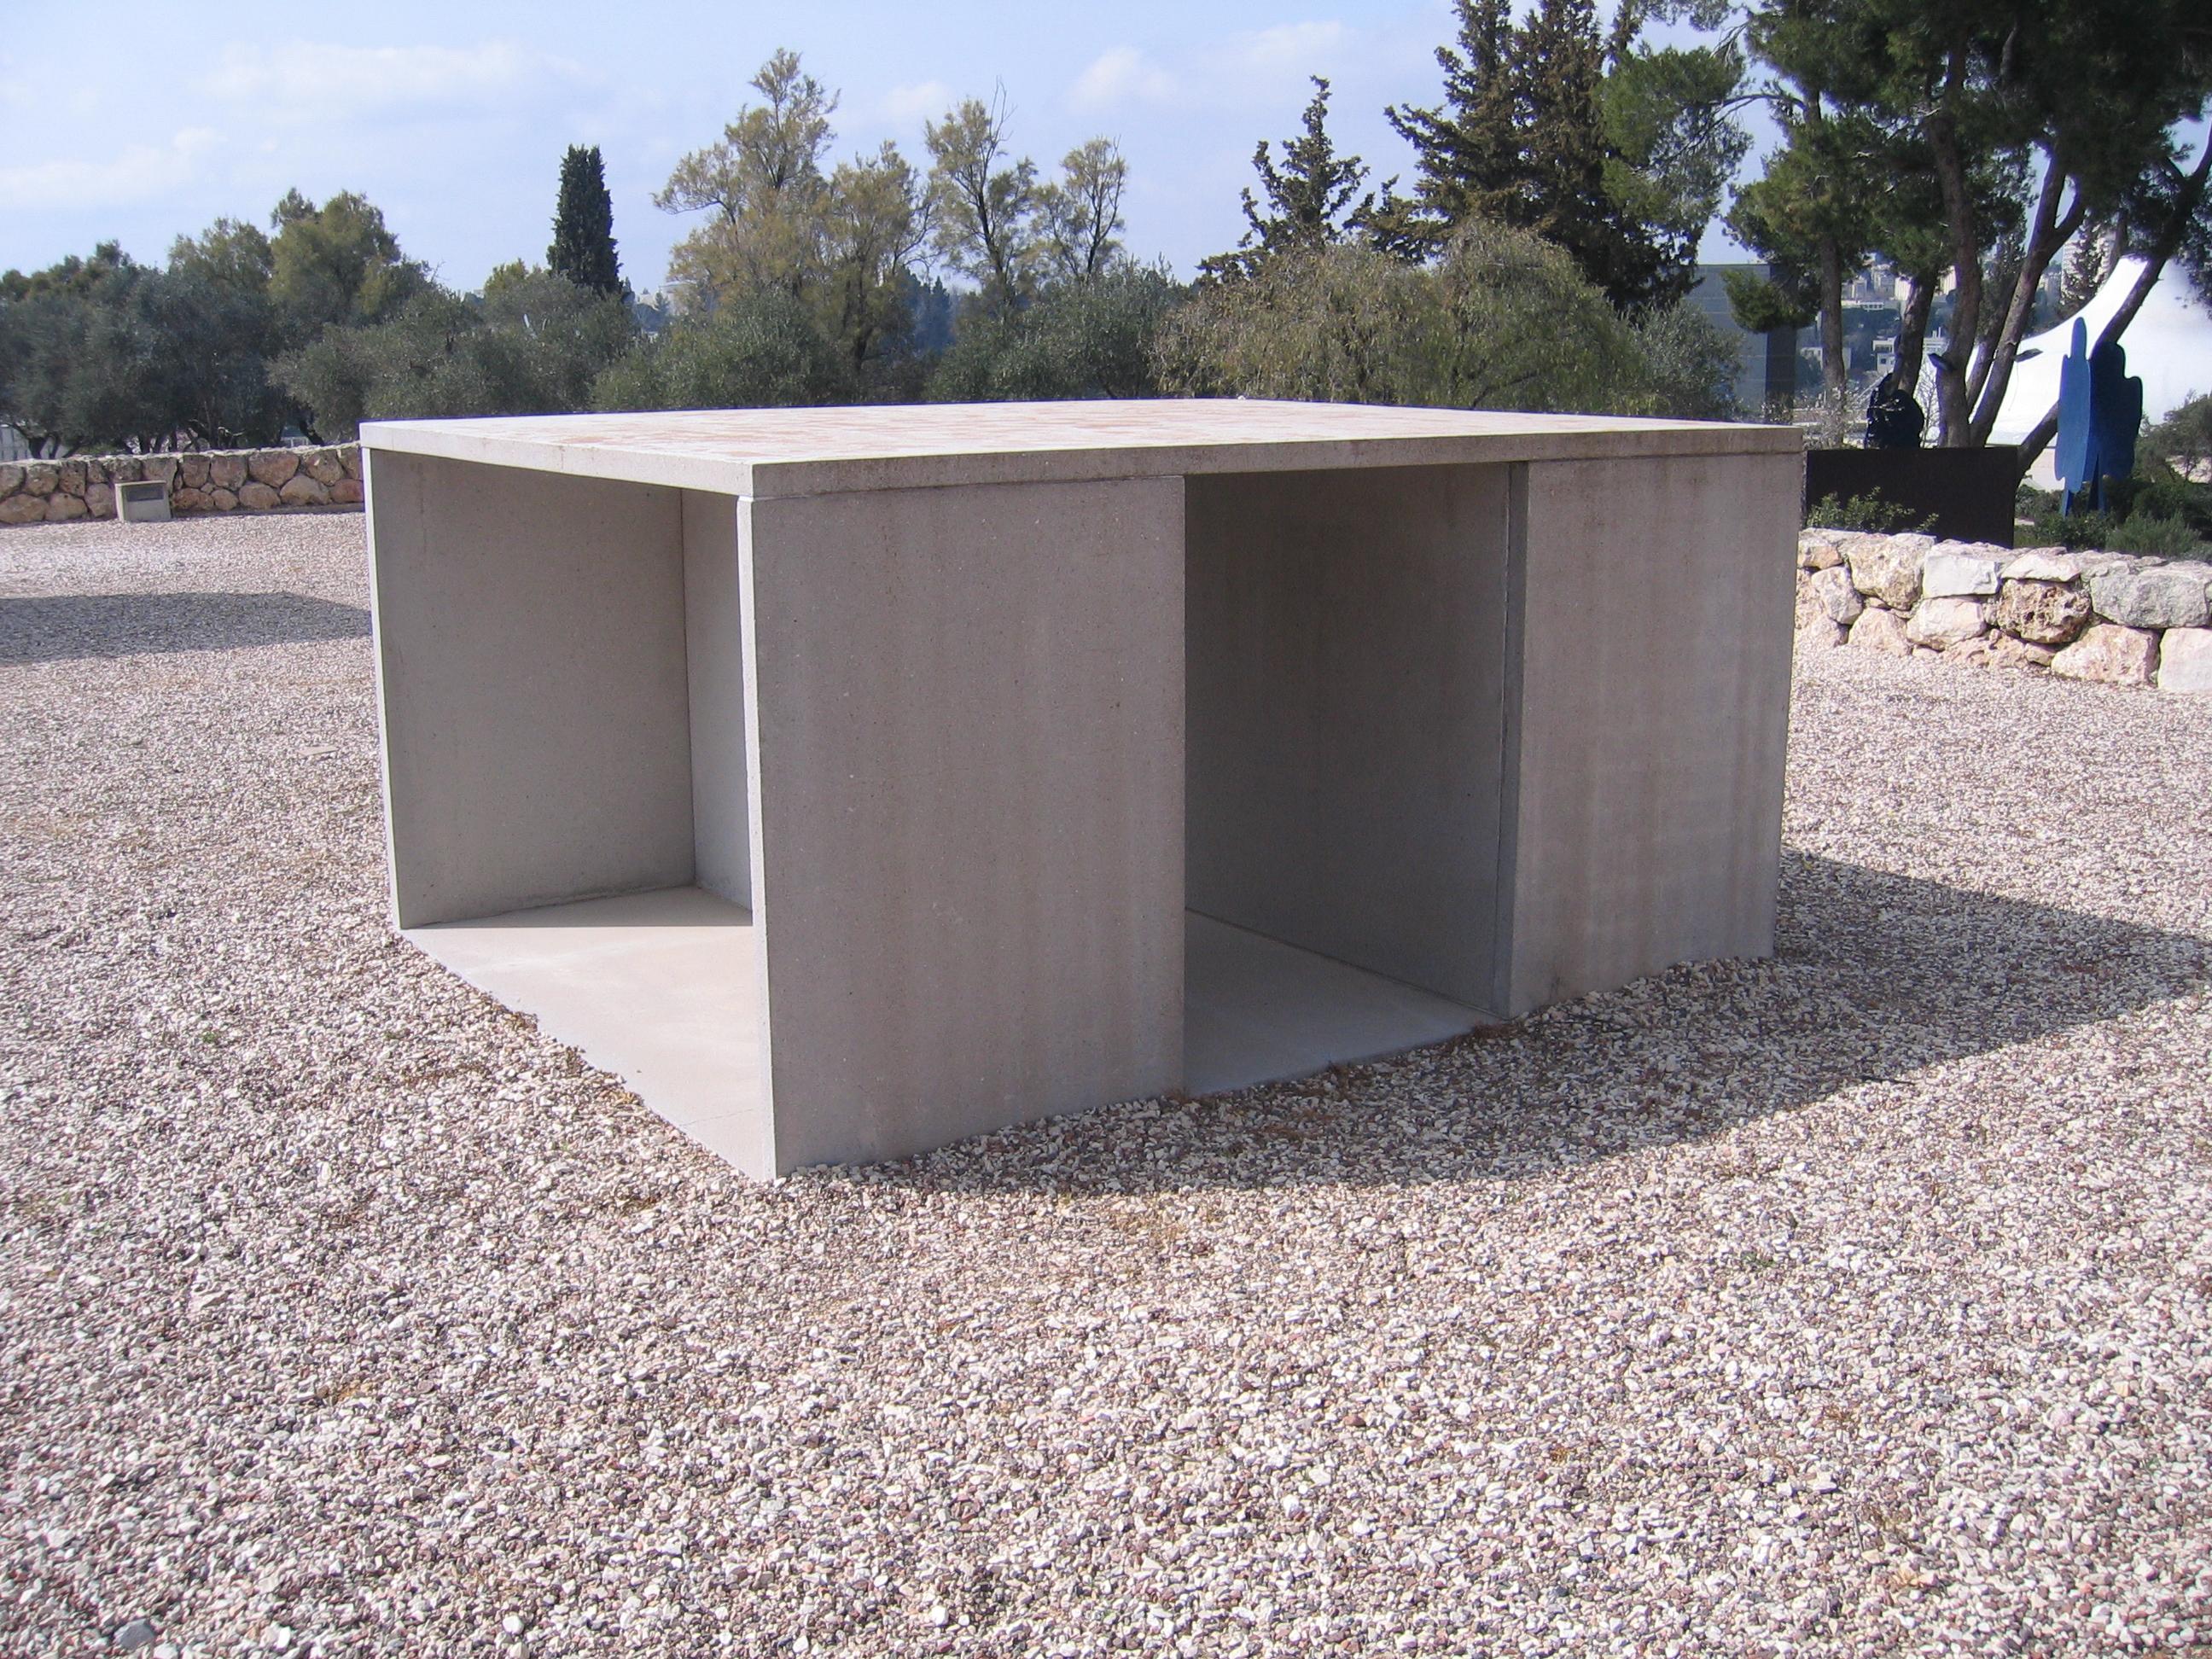 minimalism visual arts wikiwand